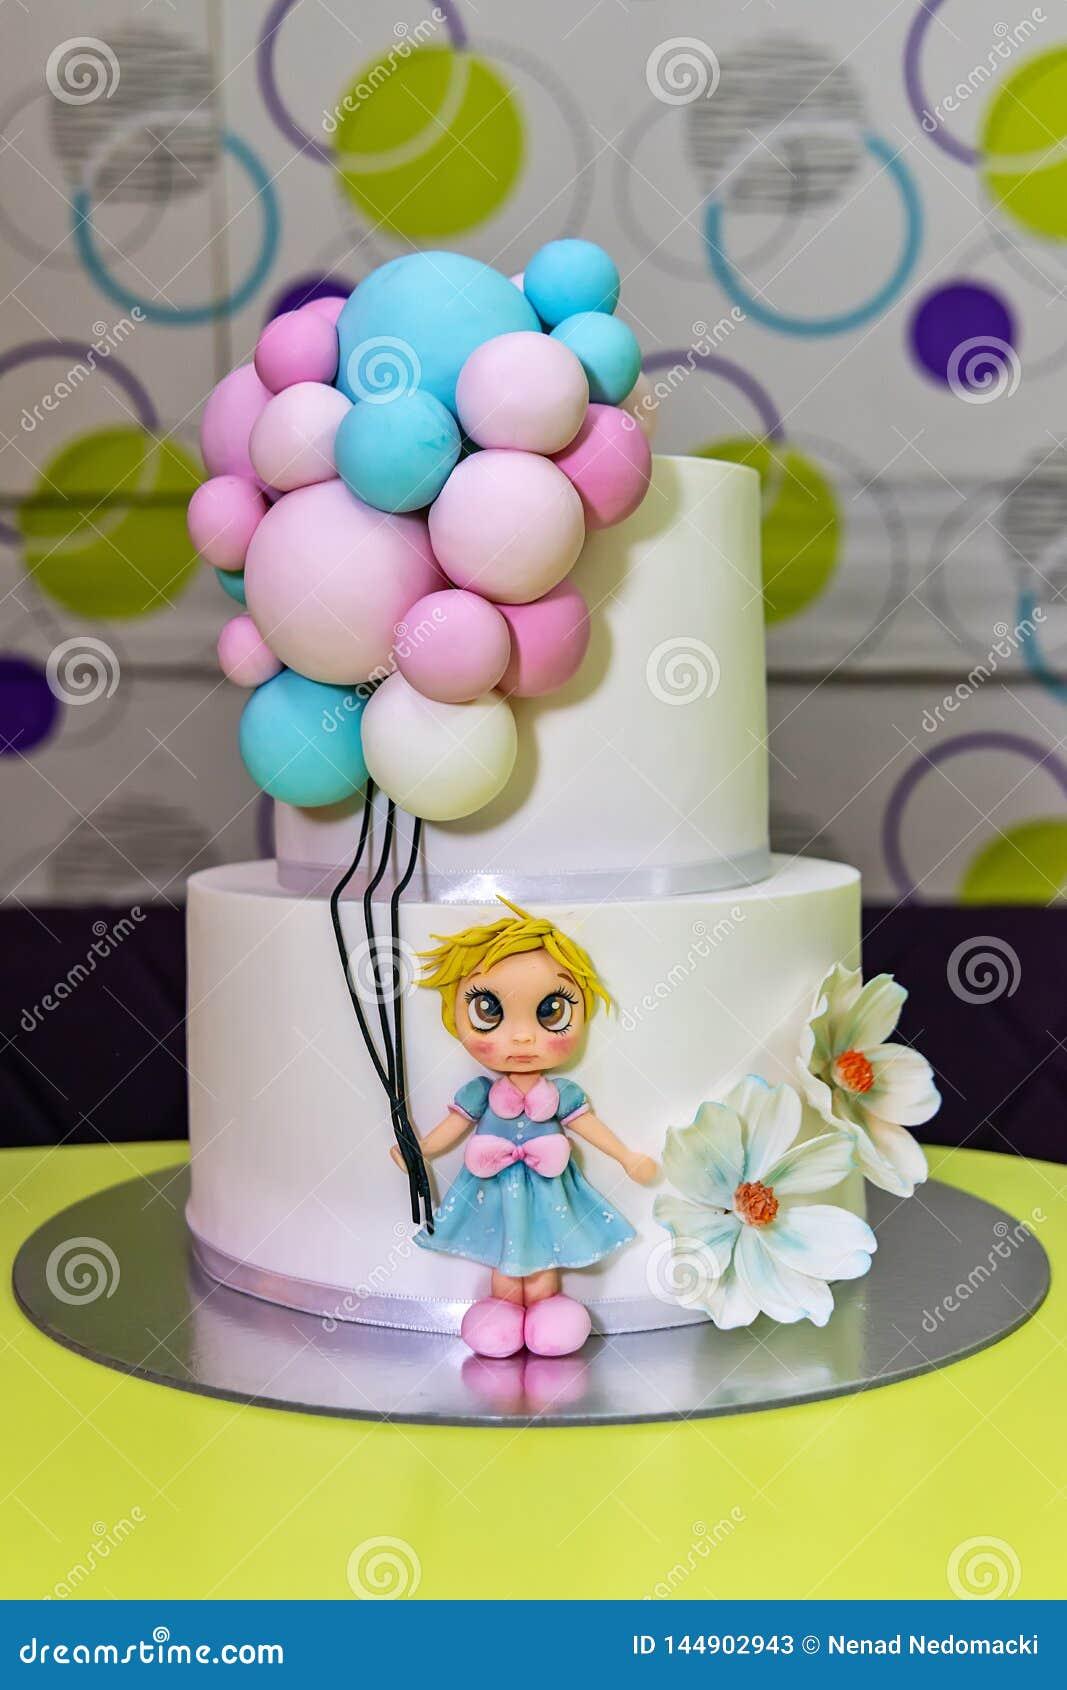 Enjoyable Birthday Cake Whit Little Girl And Balloons Stock Image Image Of Personalised Birthday Cards Xaembasilily Jamesorg